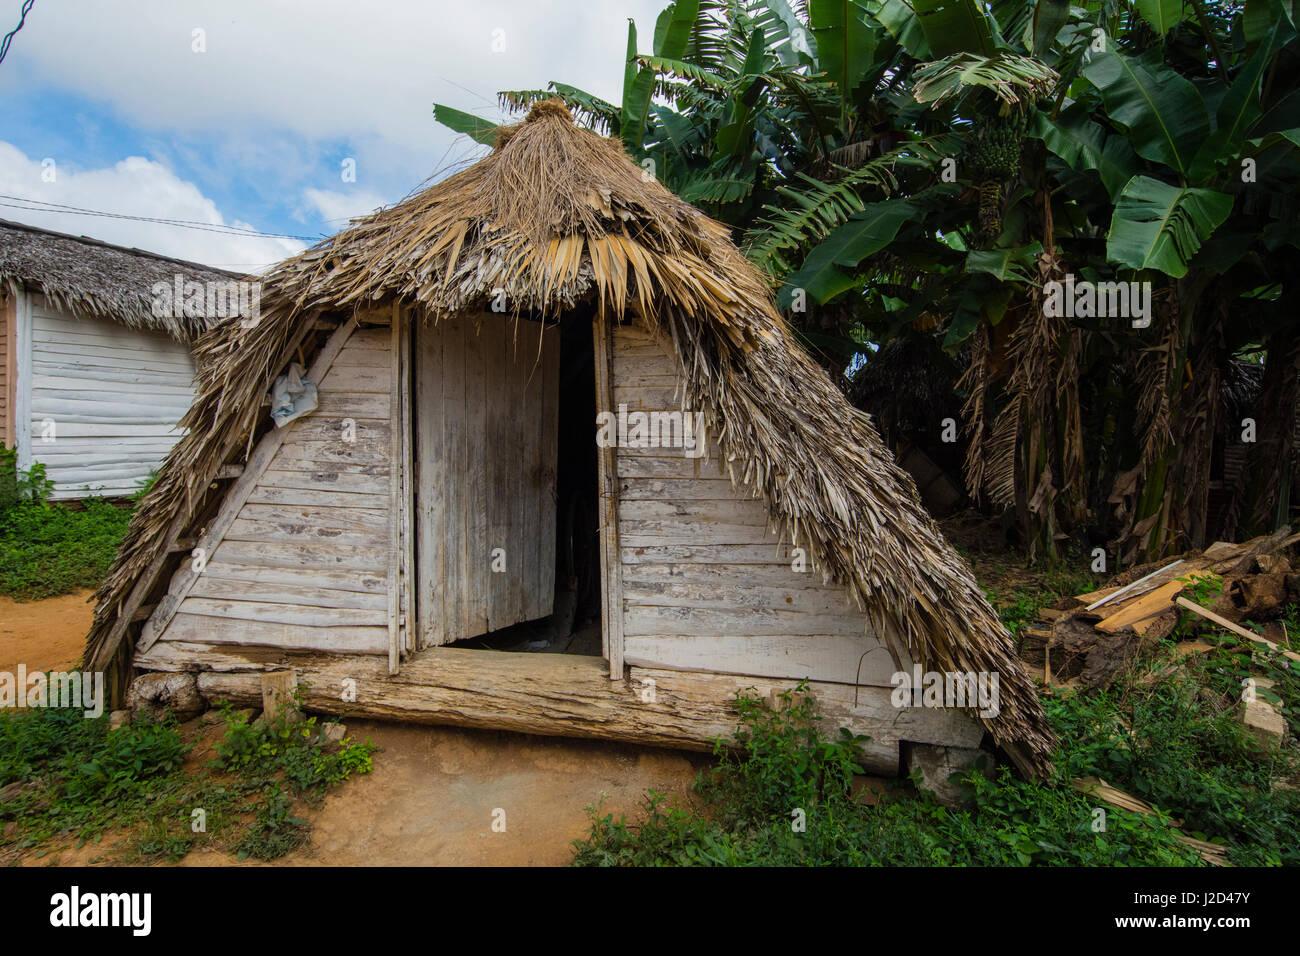 Cuba. Pinar del Rio. Vinales. Small pyramidal shelter used during hurricanes. Stock Photo